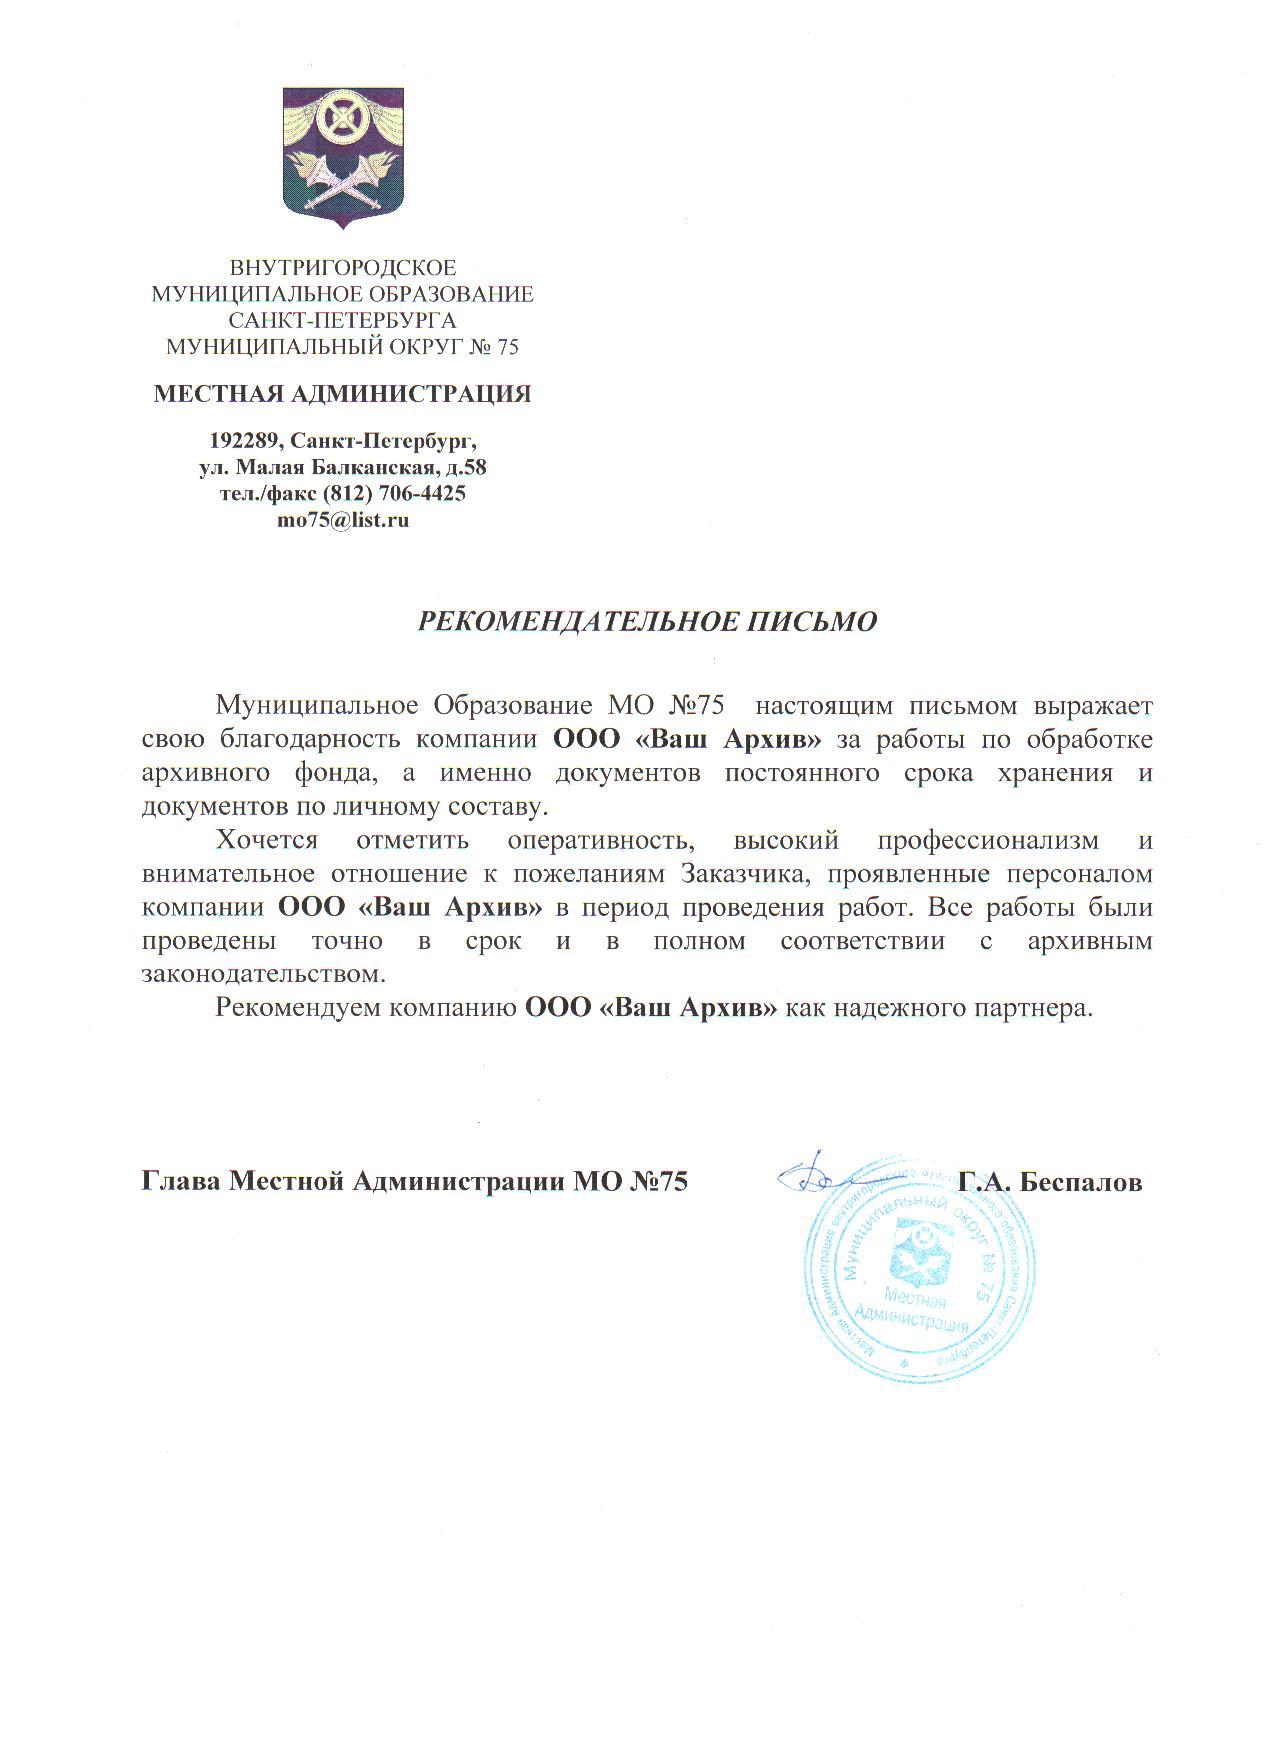 МО СПб МО № 75